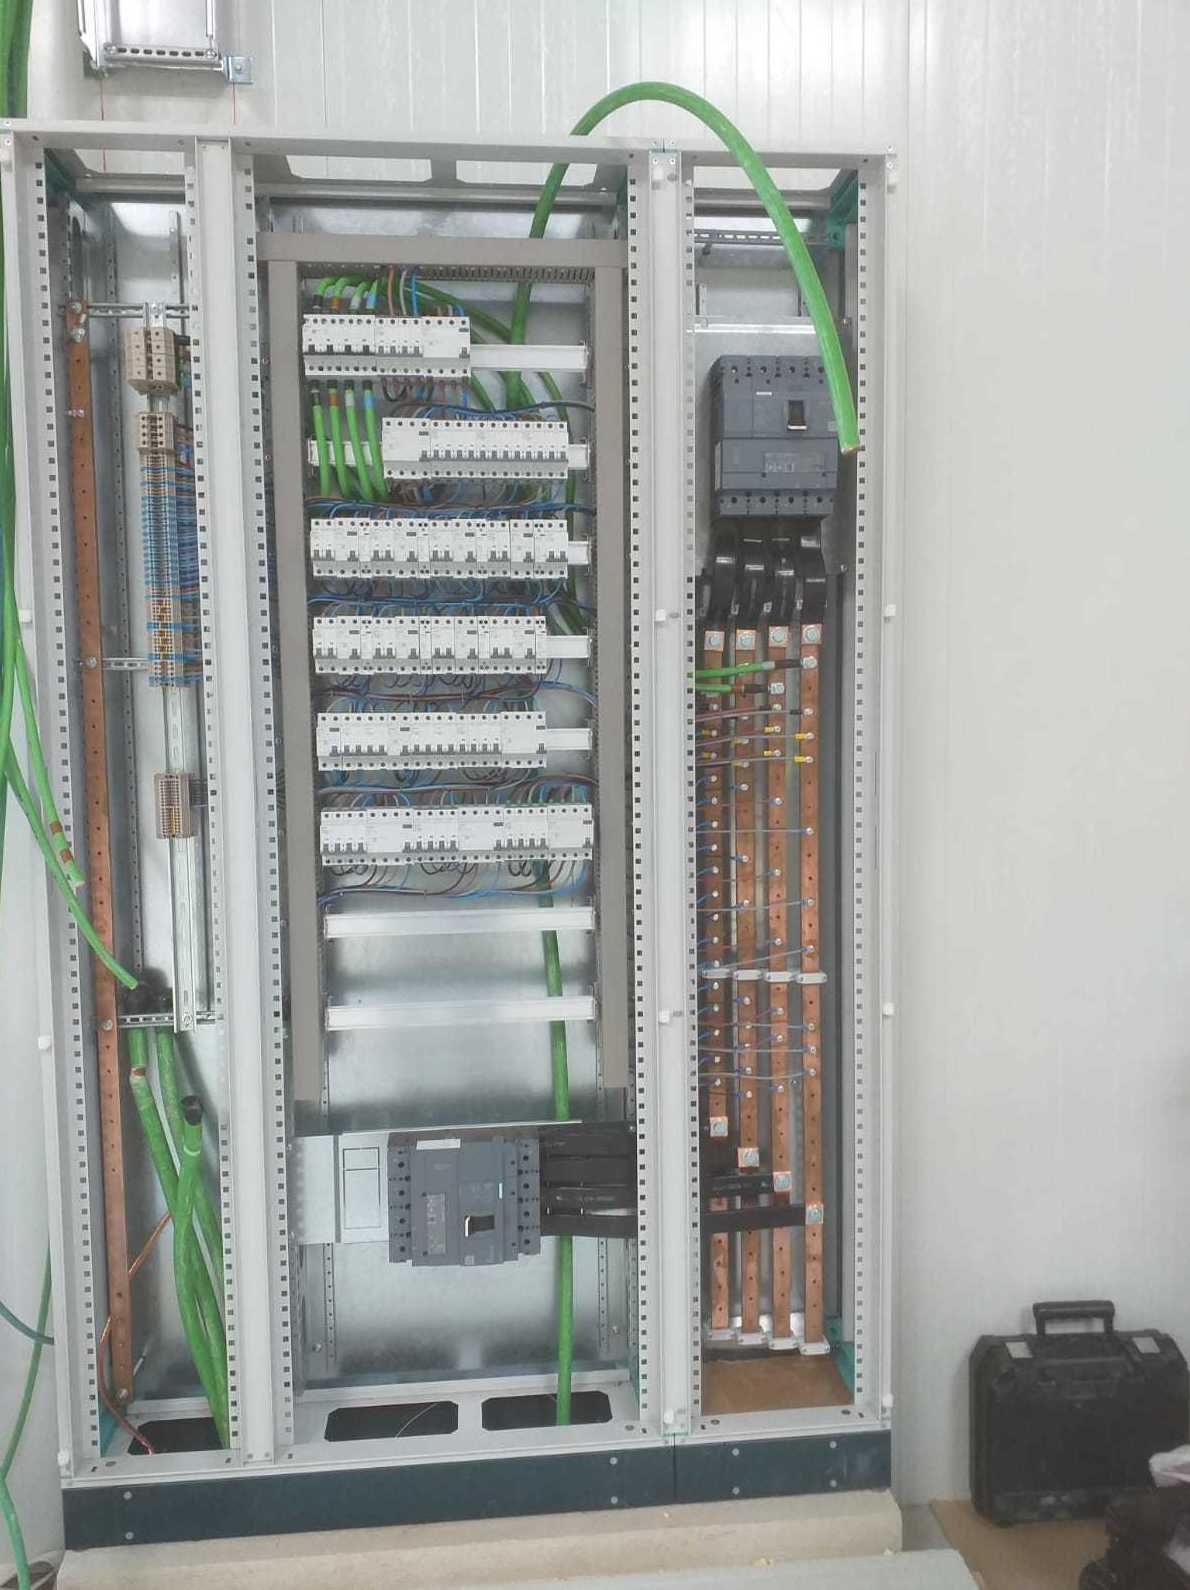 Redes informáticas Tarragona